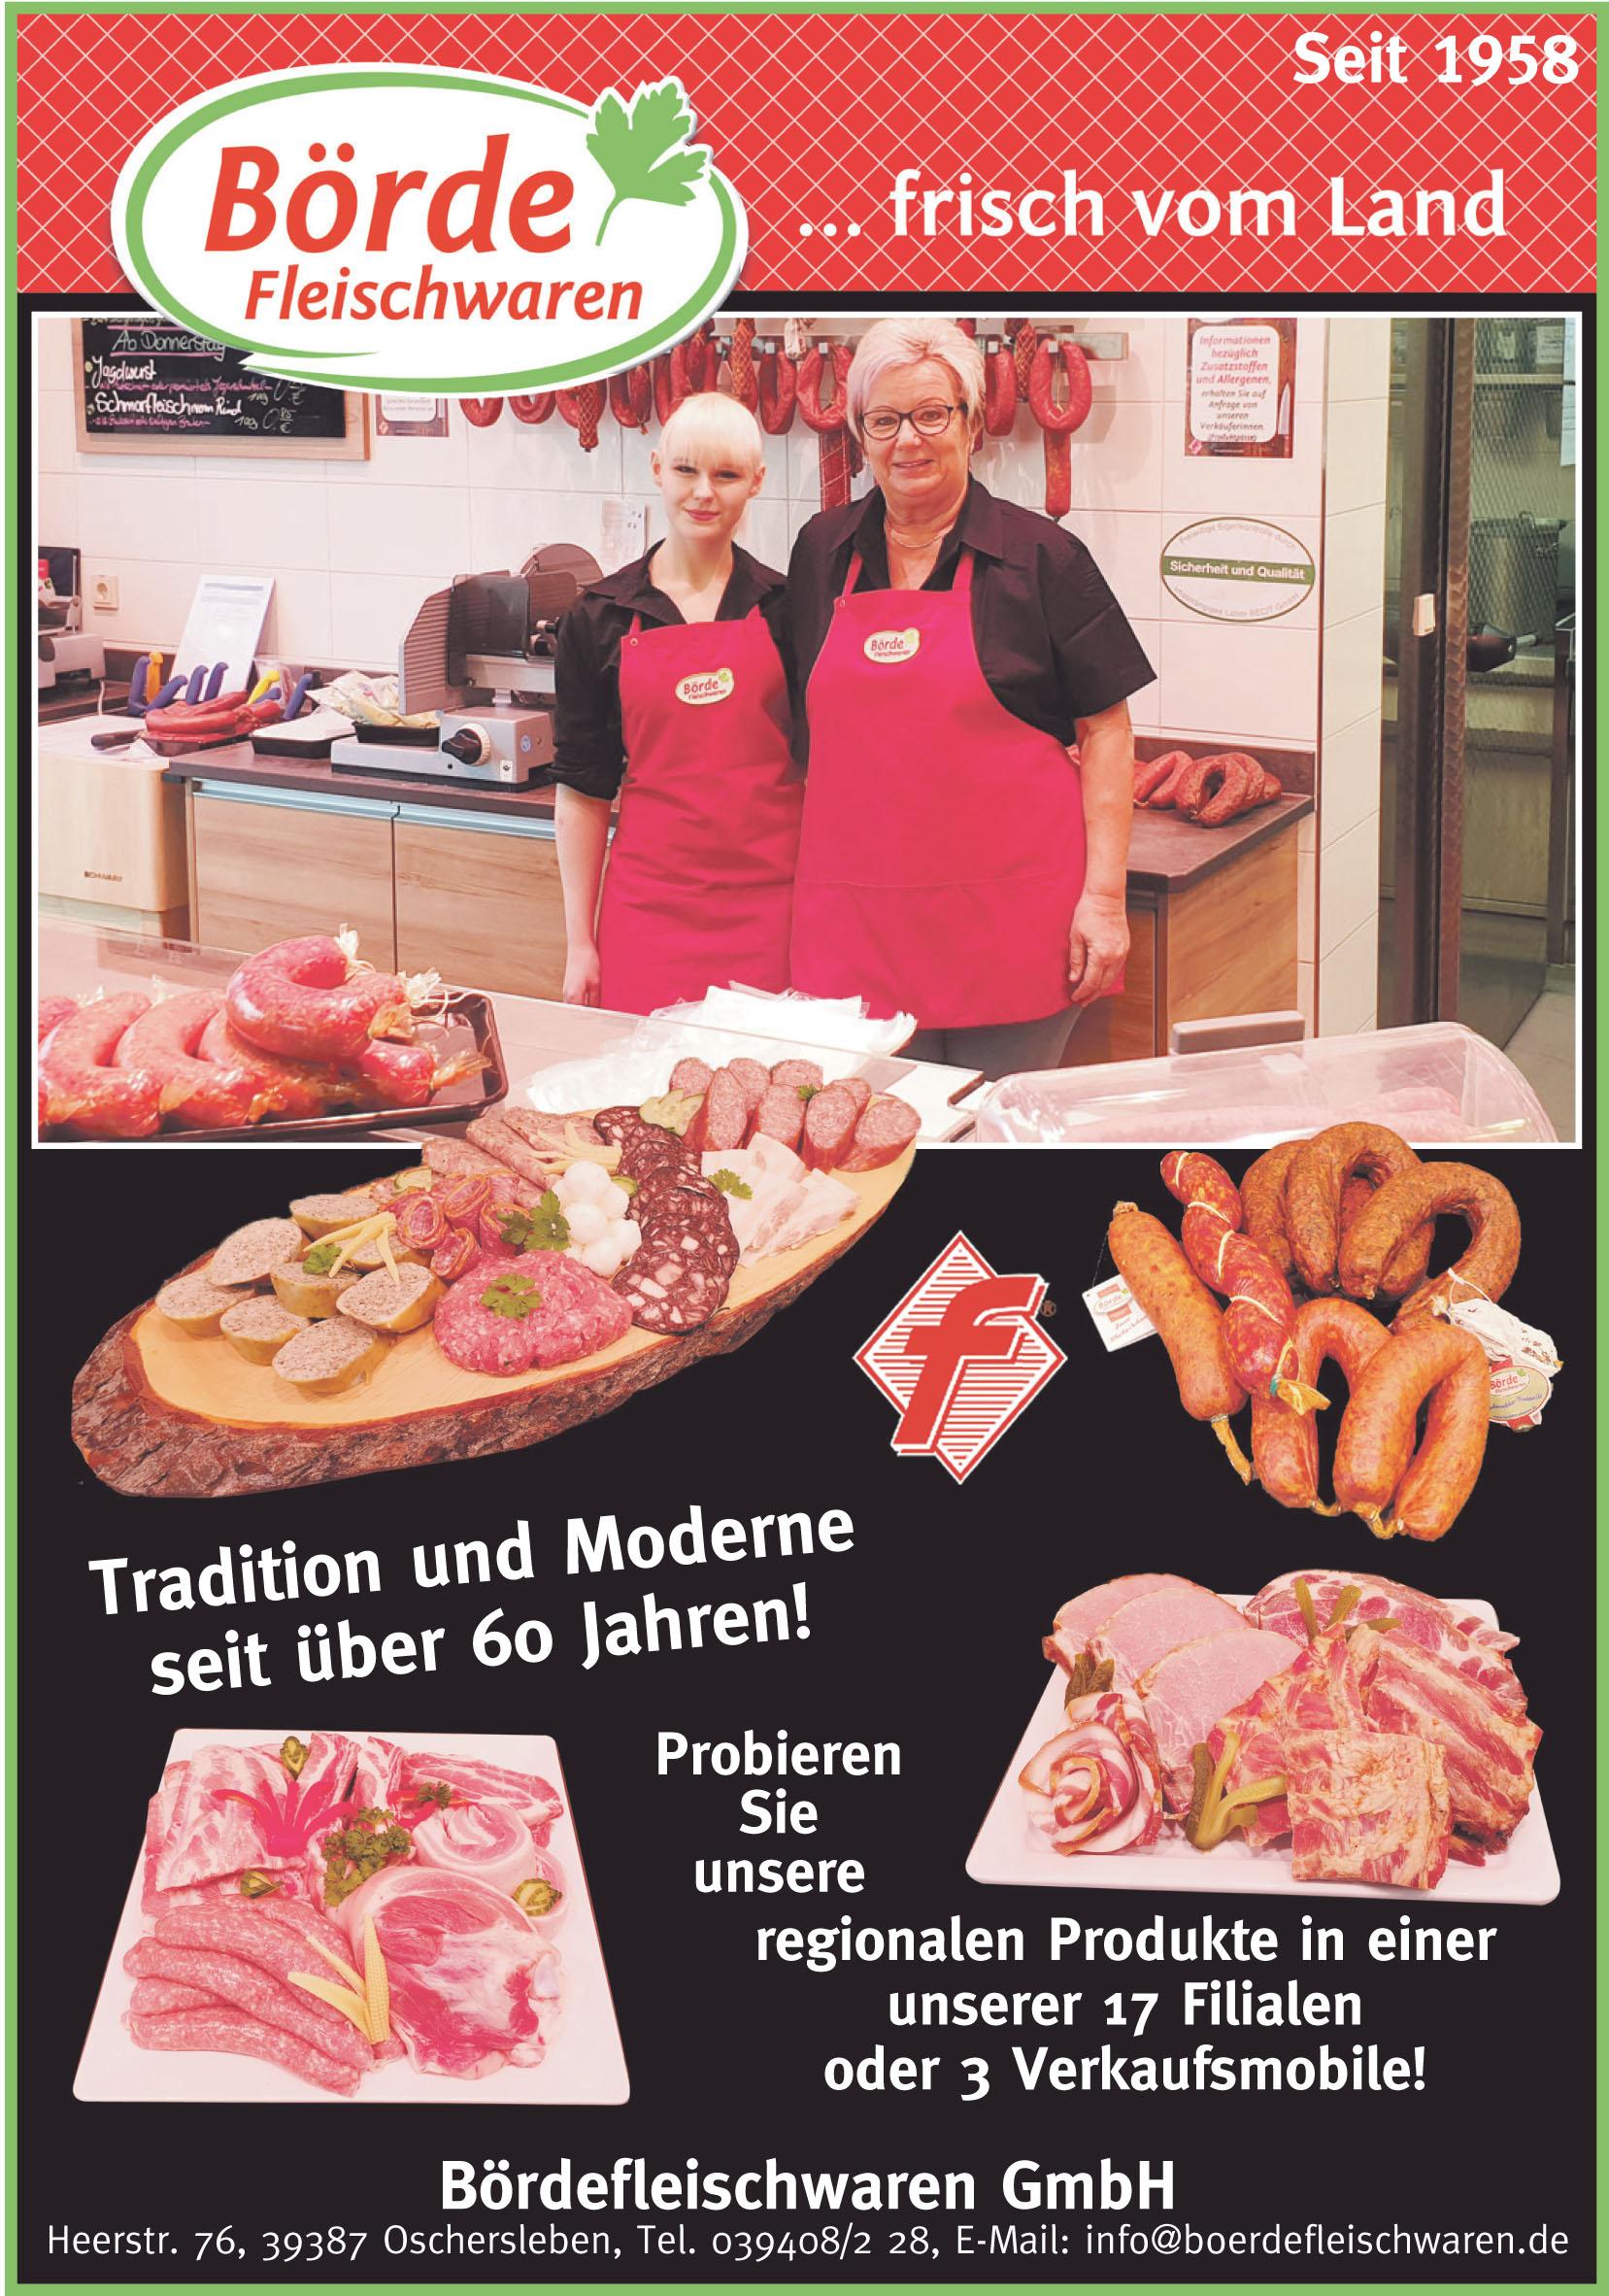 Bördefleischwaren GmbH